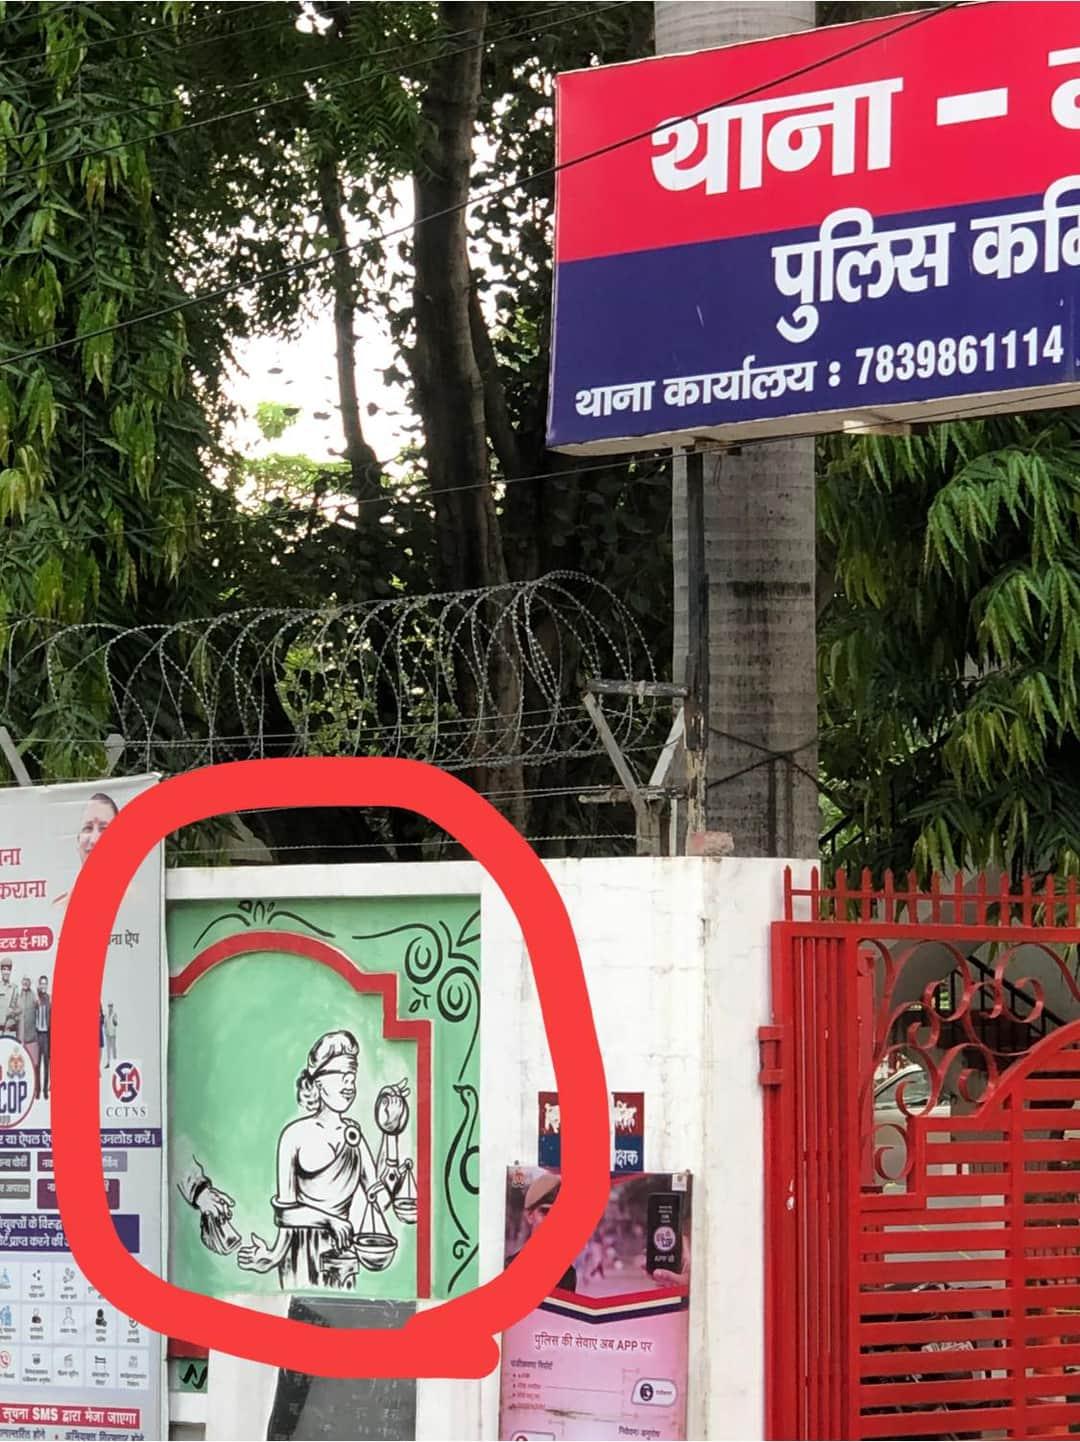 गोमतीनगर थाने की दीवार पर रिश्वत लेते बना दी कानून की देवी की पेटिंग, मचा हड़कम्प, देखें फोटो